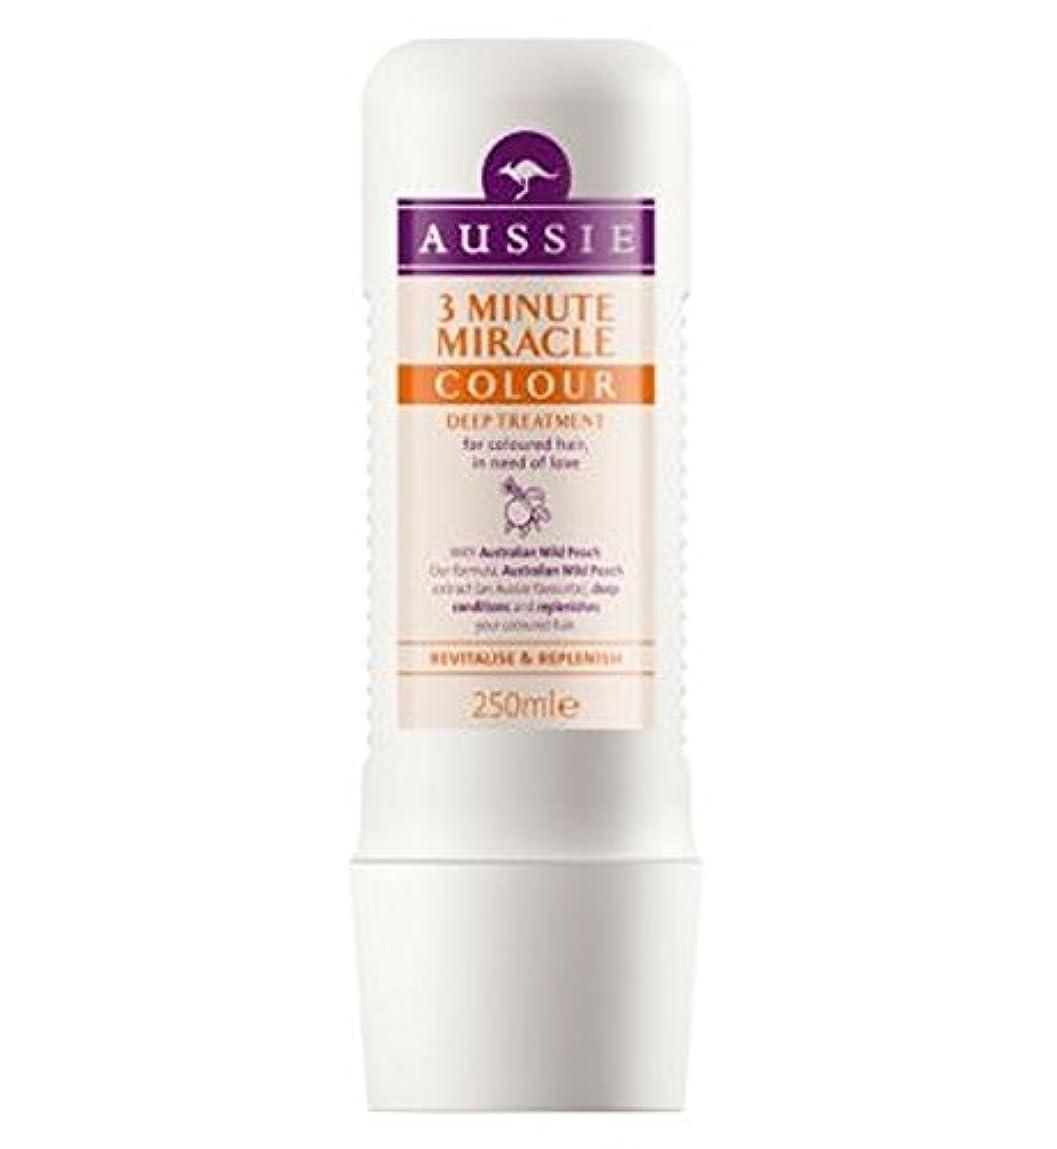 生息地キュービック呪われたAussie 3 Minute Miracle Colour Deep Treatment 250ml - オージー3分の奇跡色の深い処理250ミリリットル (Aussie) [並行輸入品]